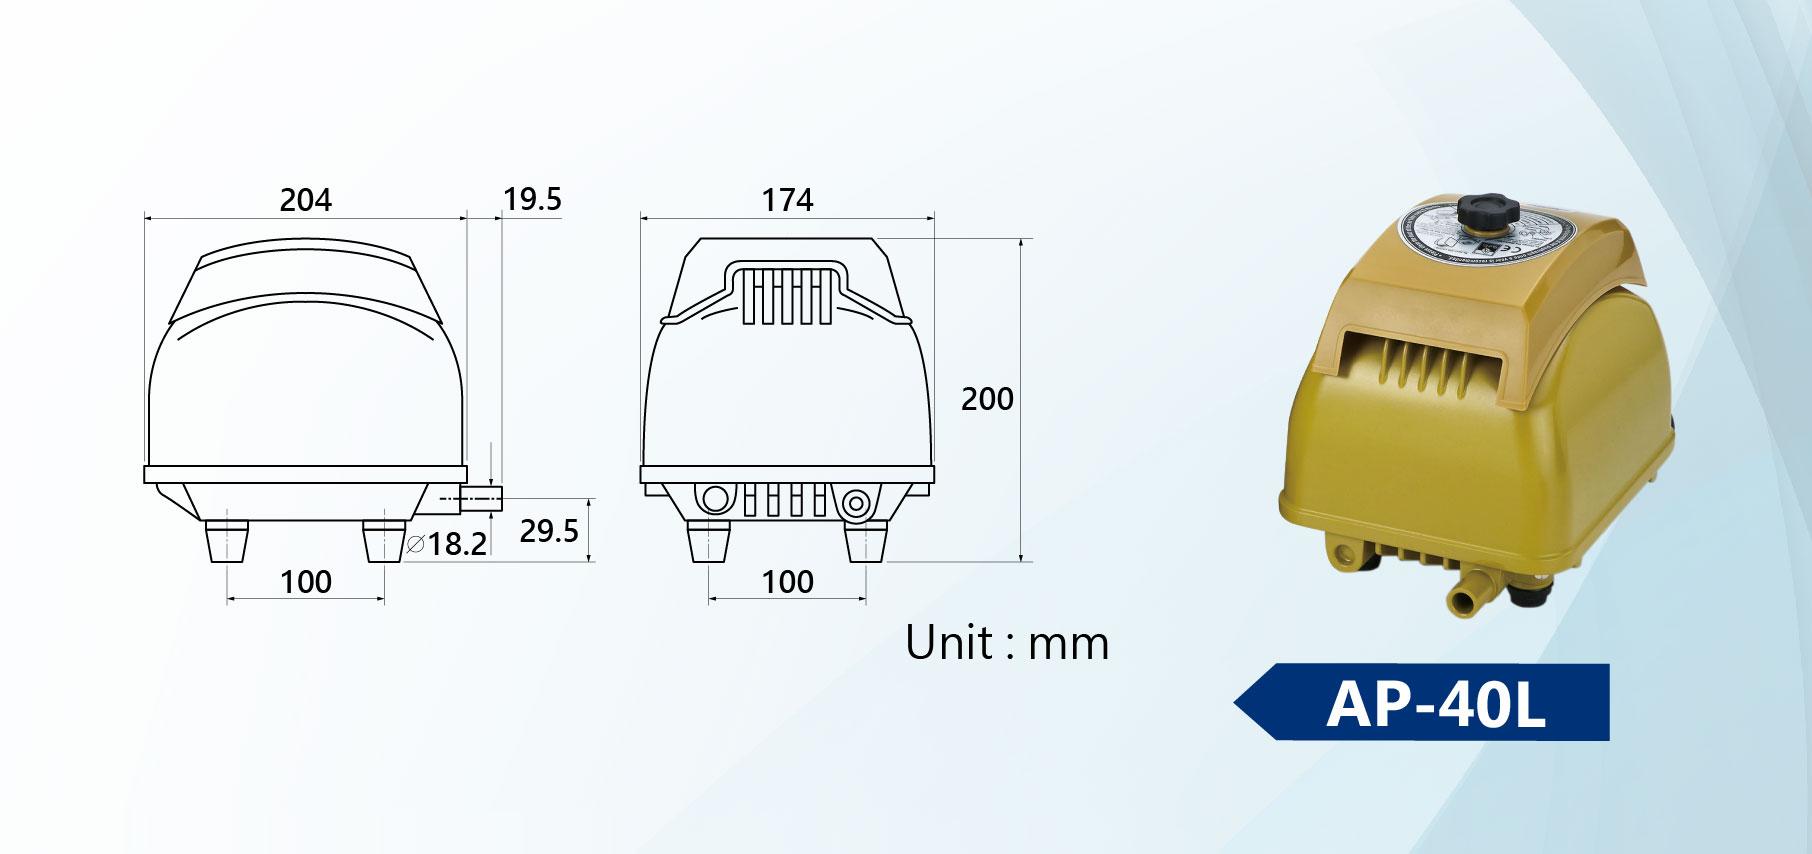 AP-40L Linear Air Pump Dimension